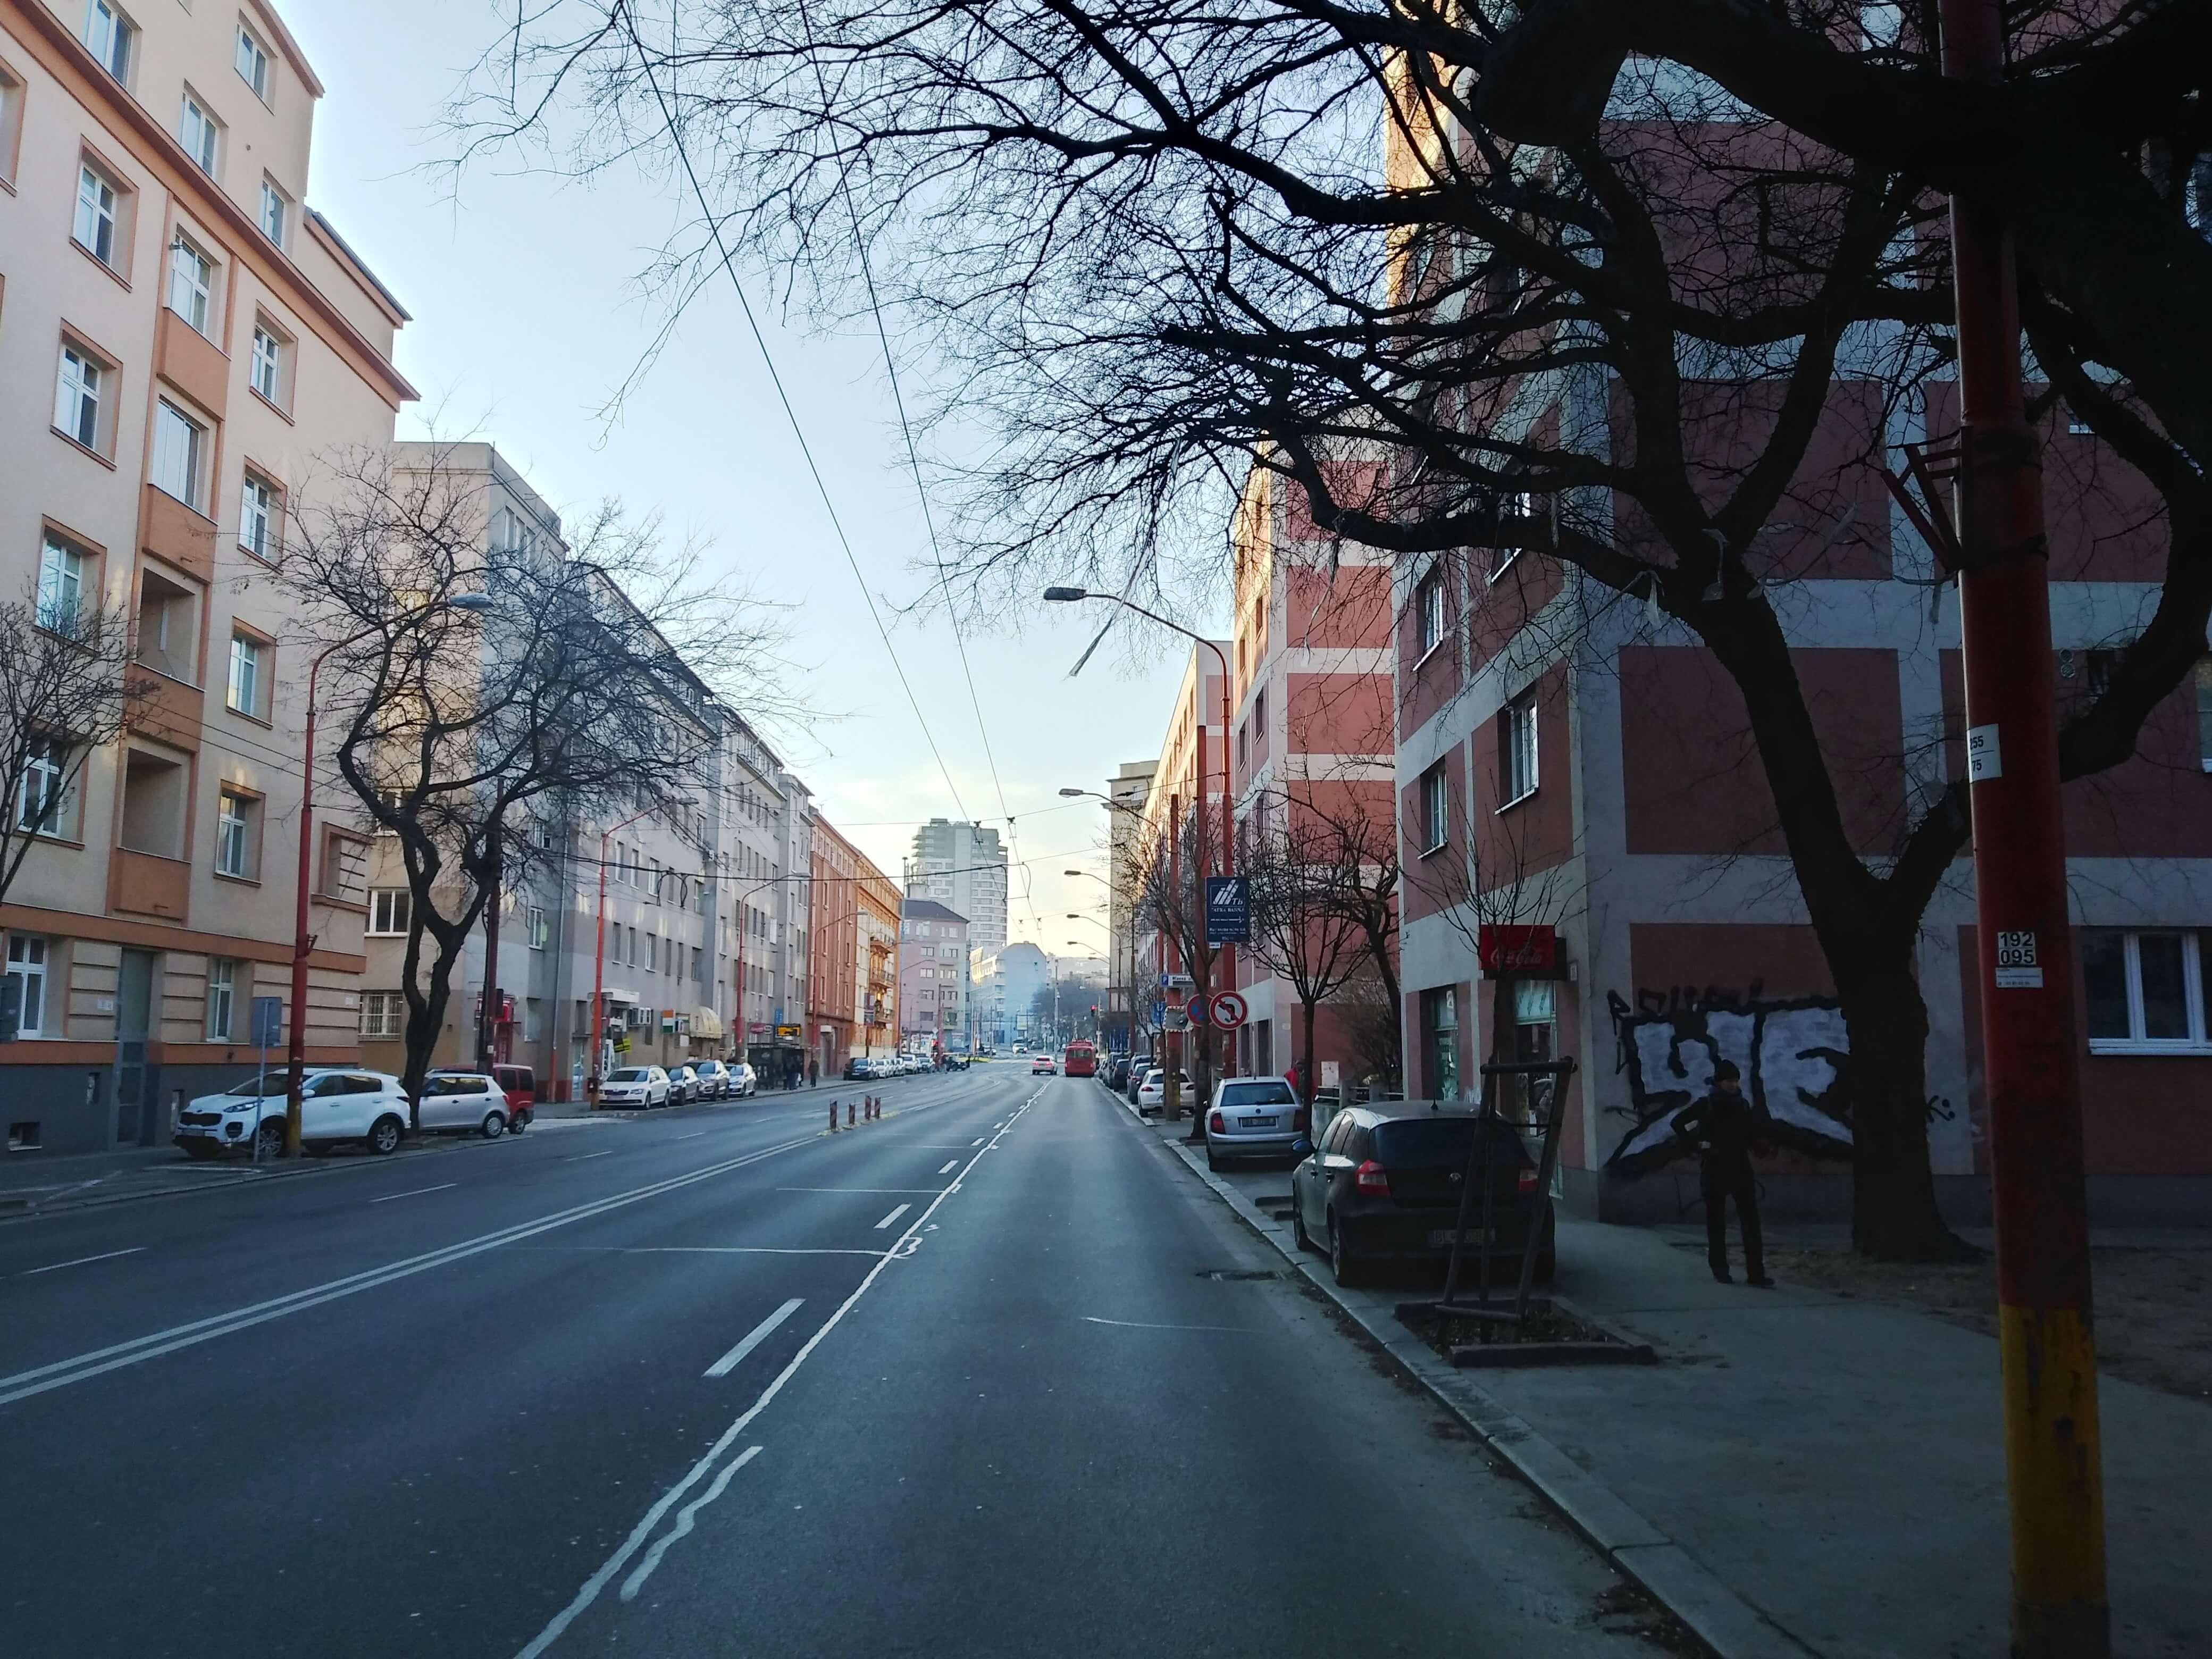 Predaj exkluzívneho 2 izb. bytu, staré mesto, Šancová ulica, Bratislava, 75m2, kompletne zariadený-6